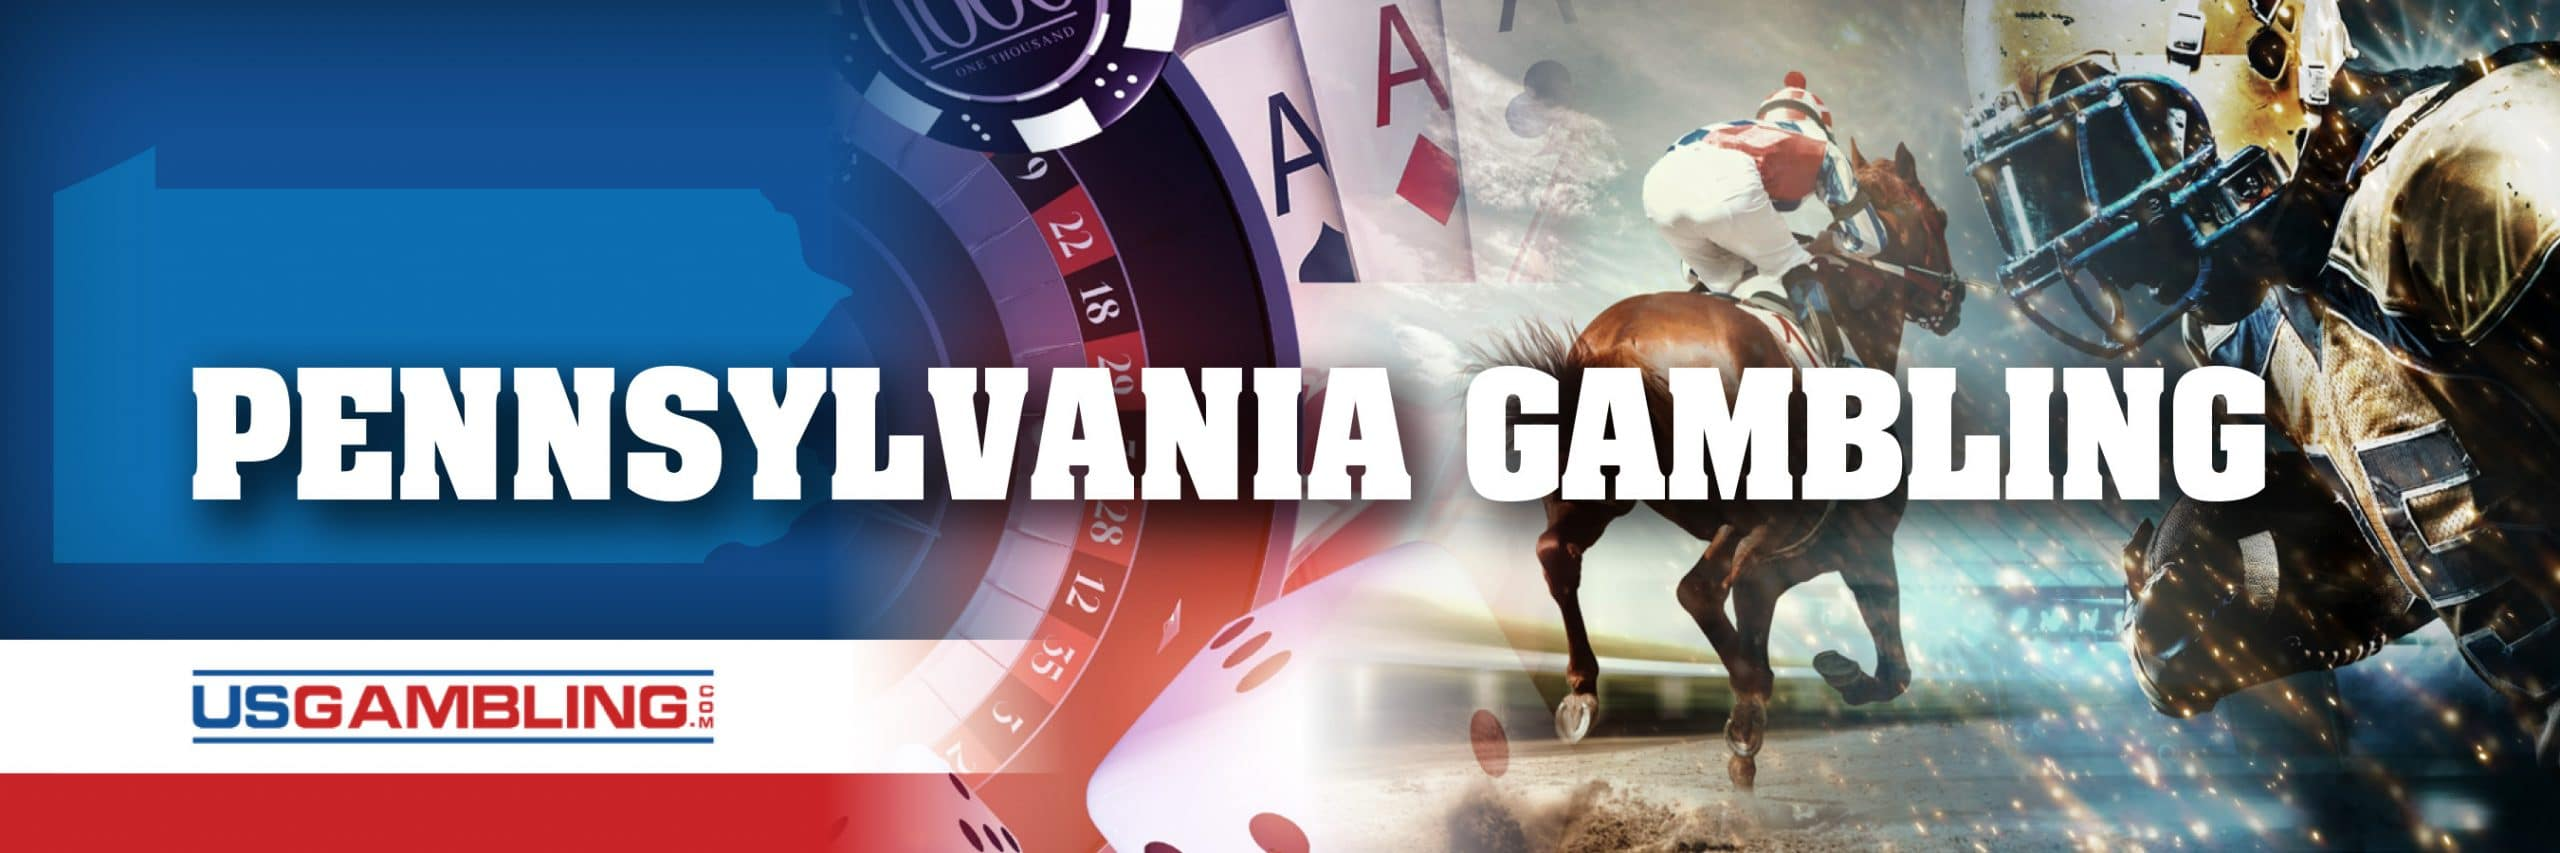 PennsylvaniaGambling